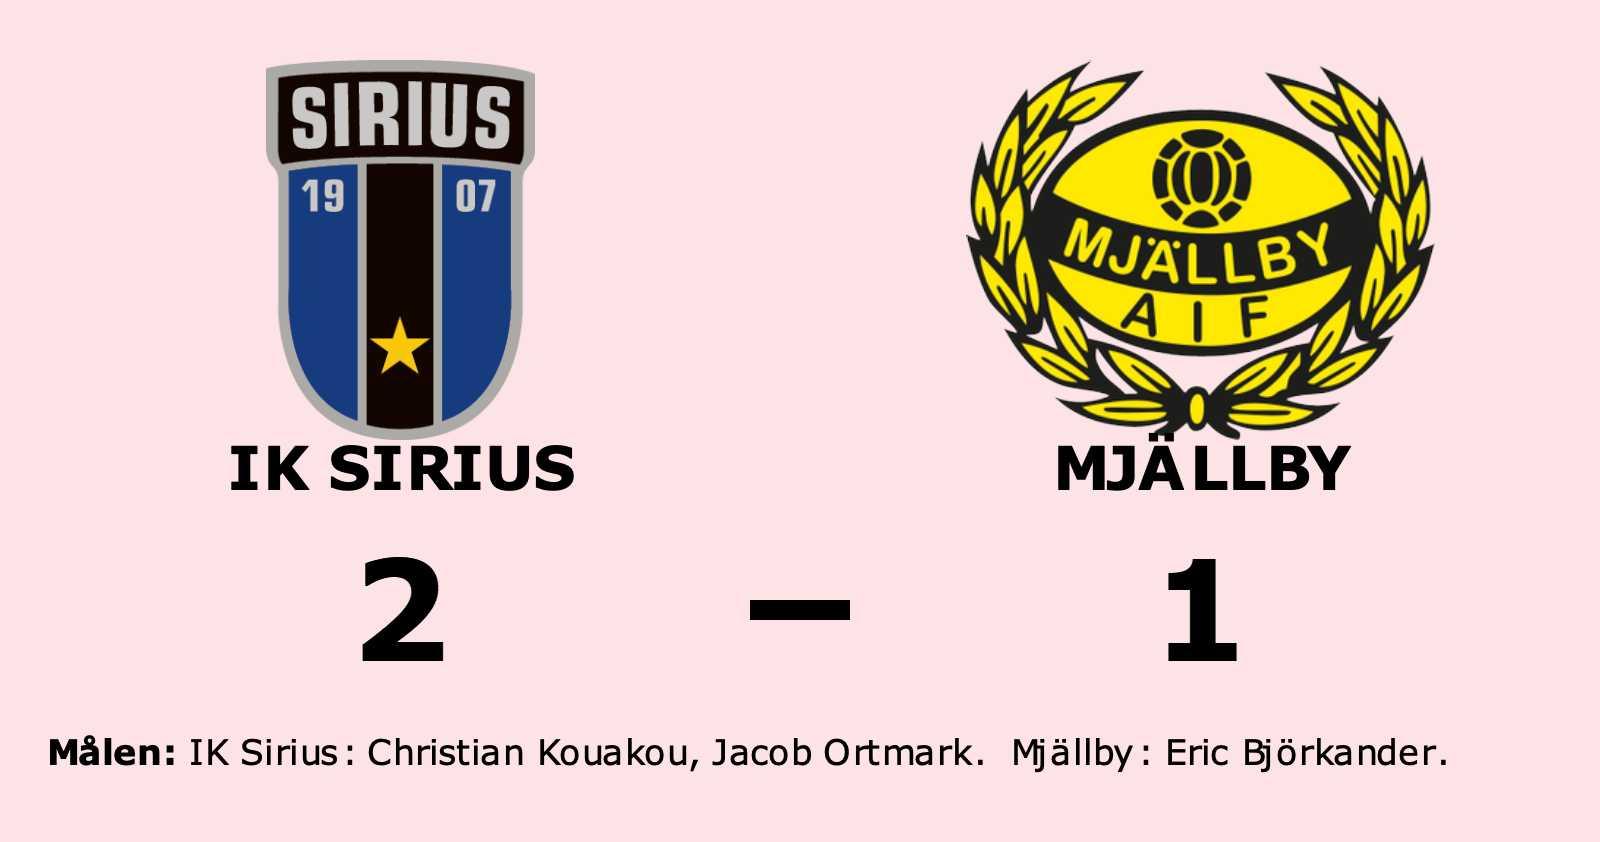 IK Sirius äntligen segrare igen efter vinst mot Mjällby